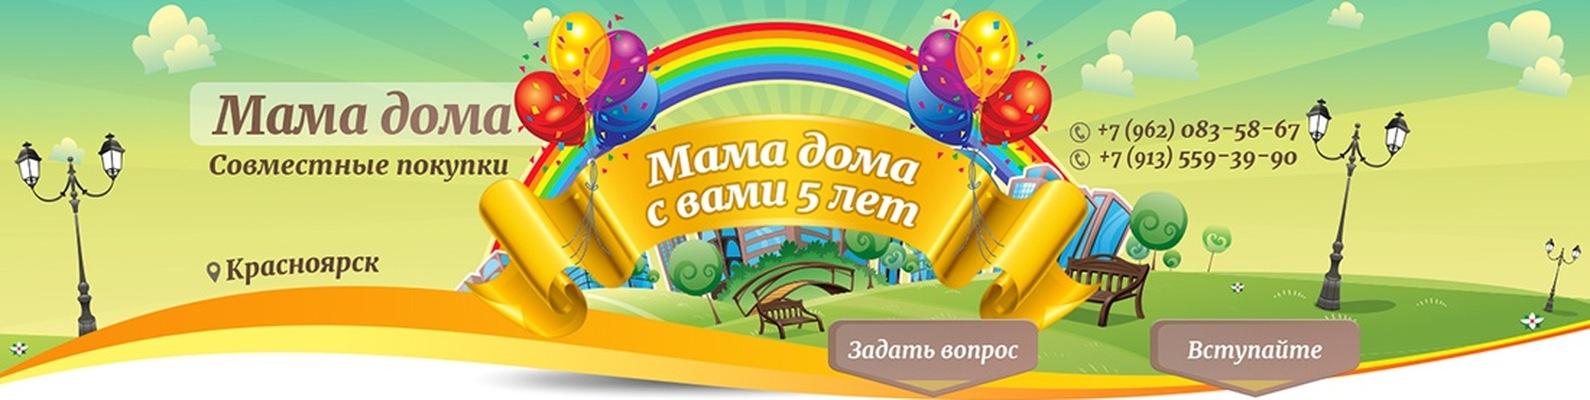 Совместные закупки в Красноярске. Мама дома.   ВКонтакте 391c6588c79